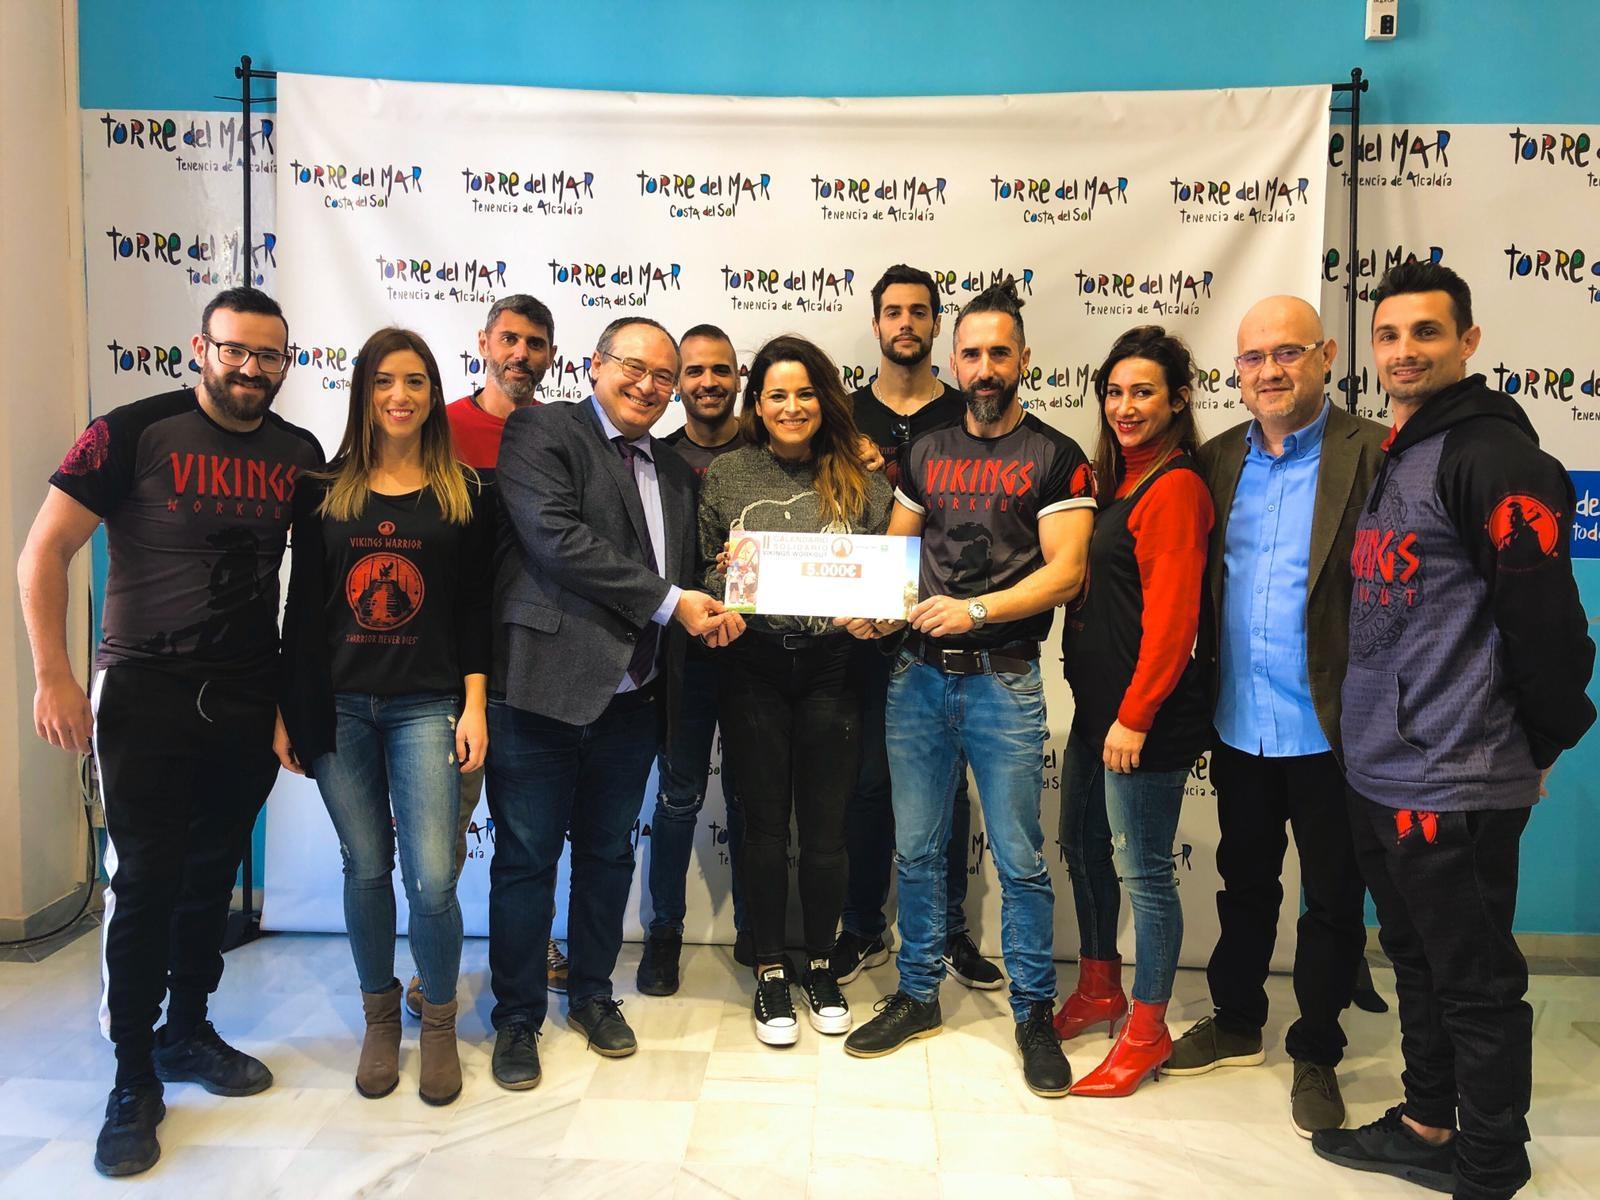 El club Vikings Street Workout recauda 5.000 euros de su calendario solidario para dotar de material a nuestra aula hospitalaria